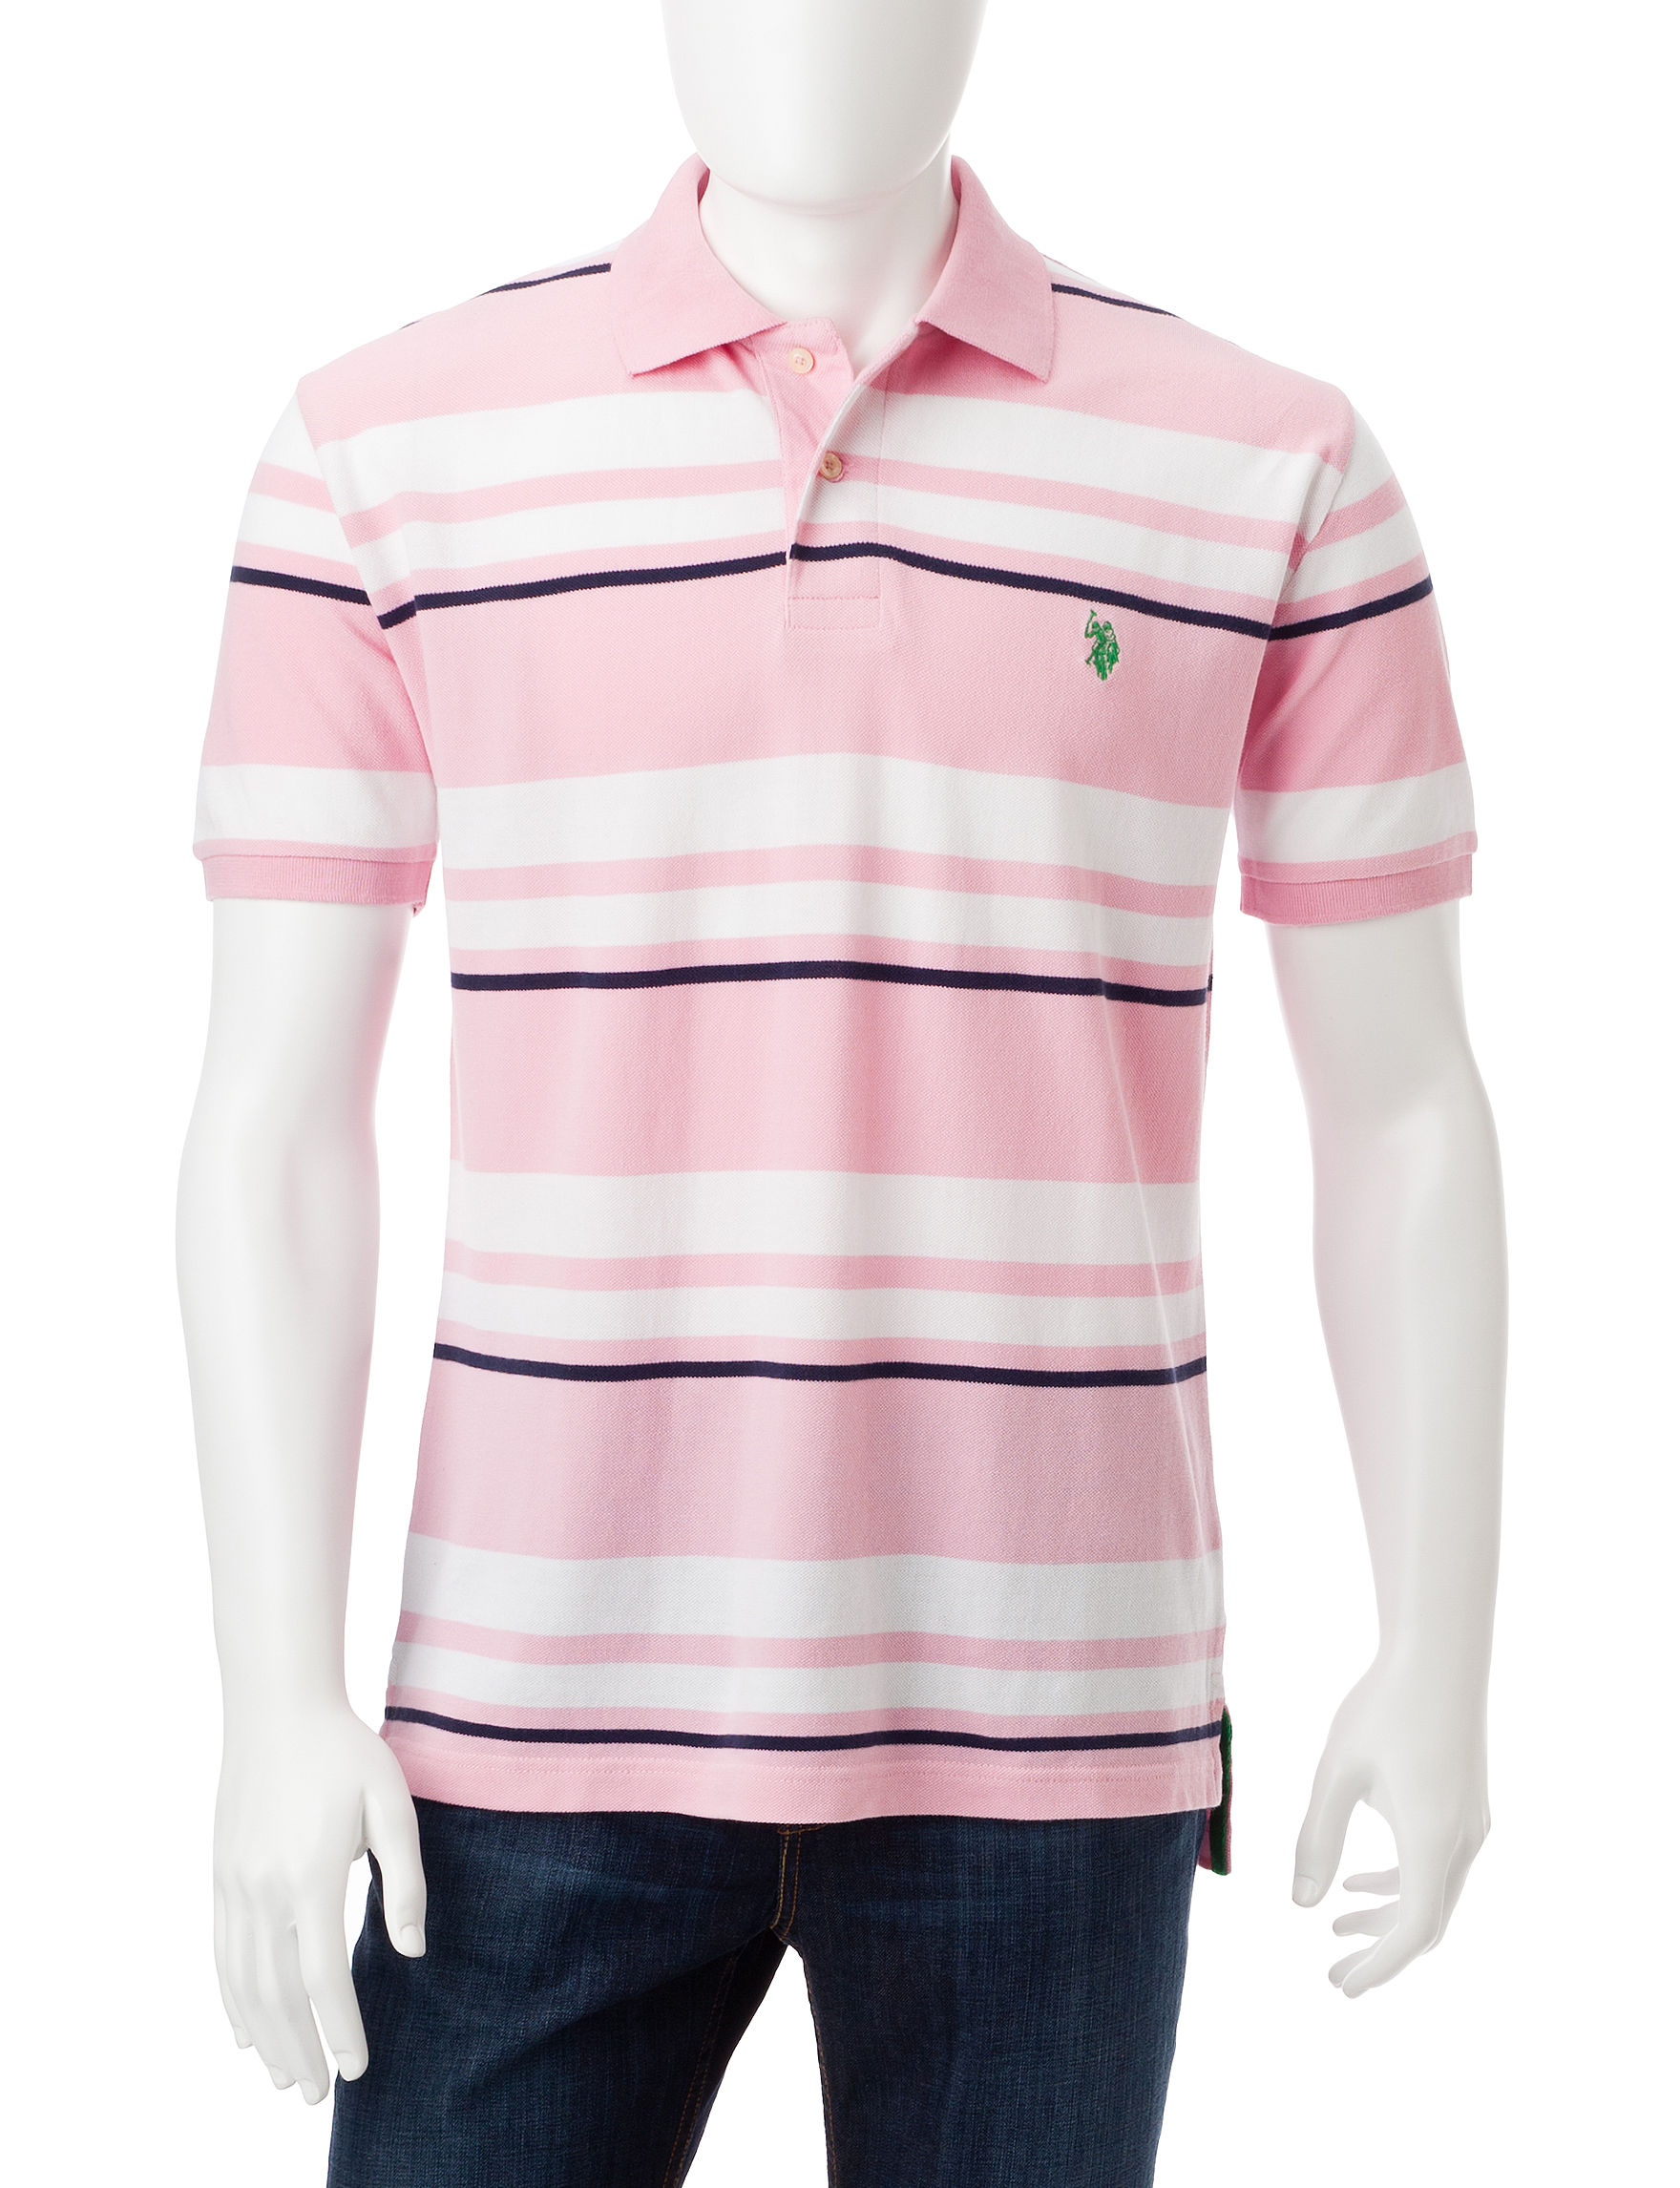 U.S. Polo Assn. Pink Polos